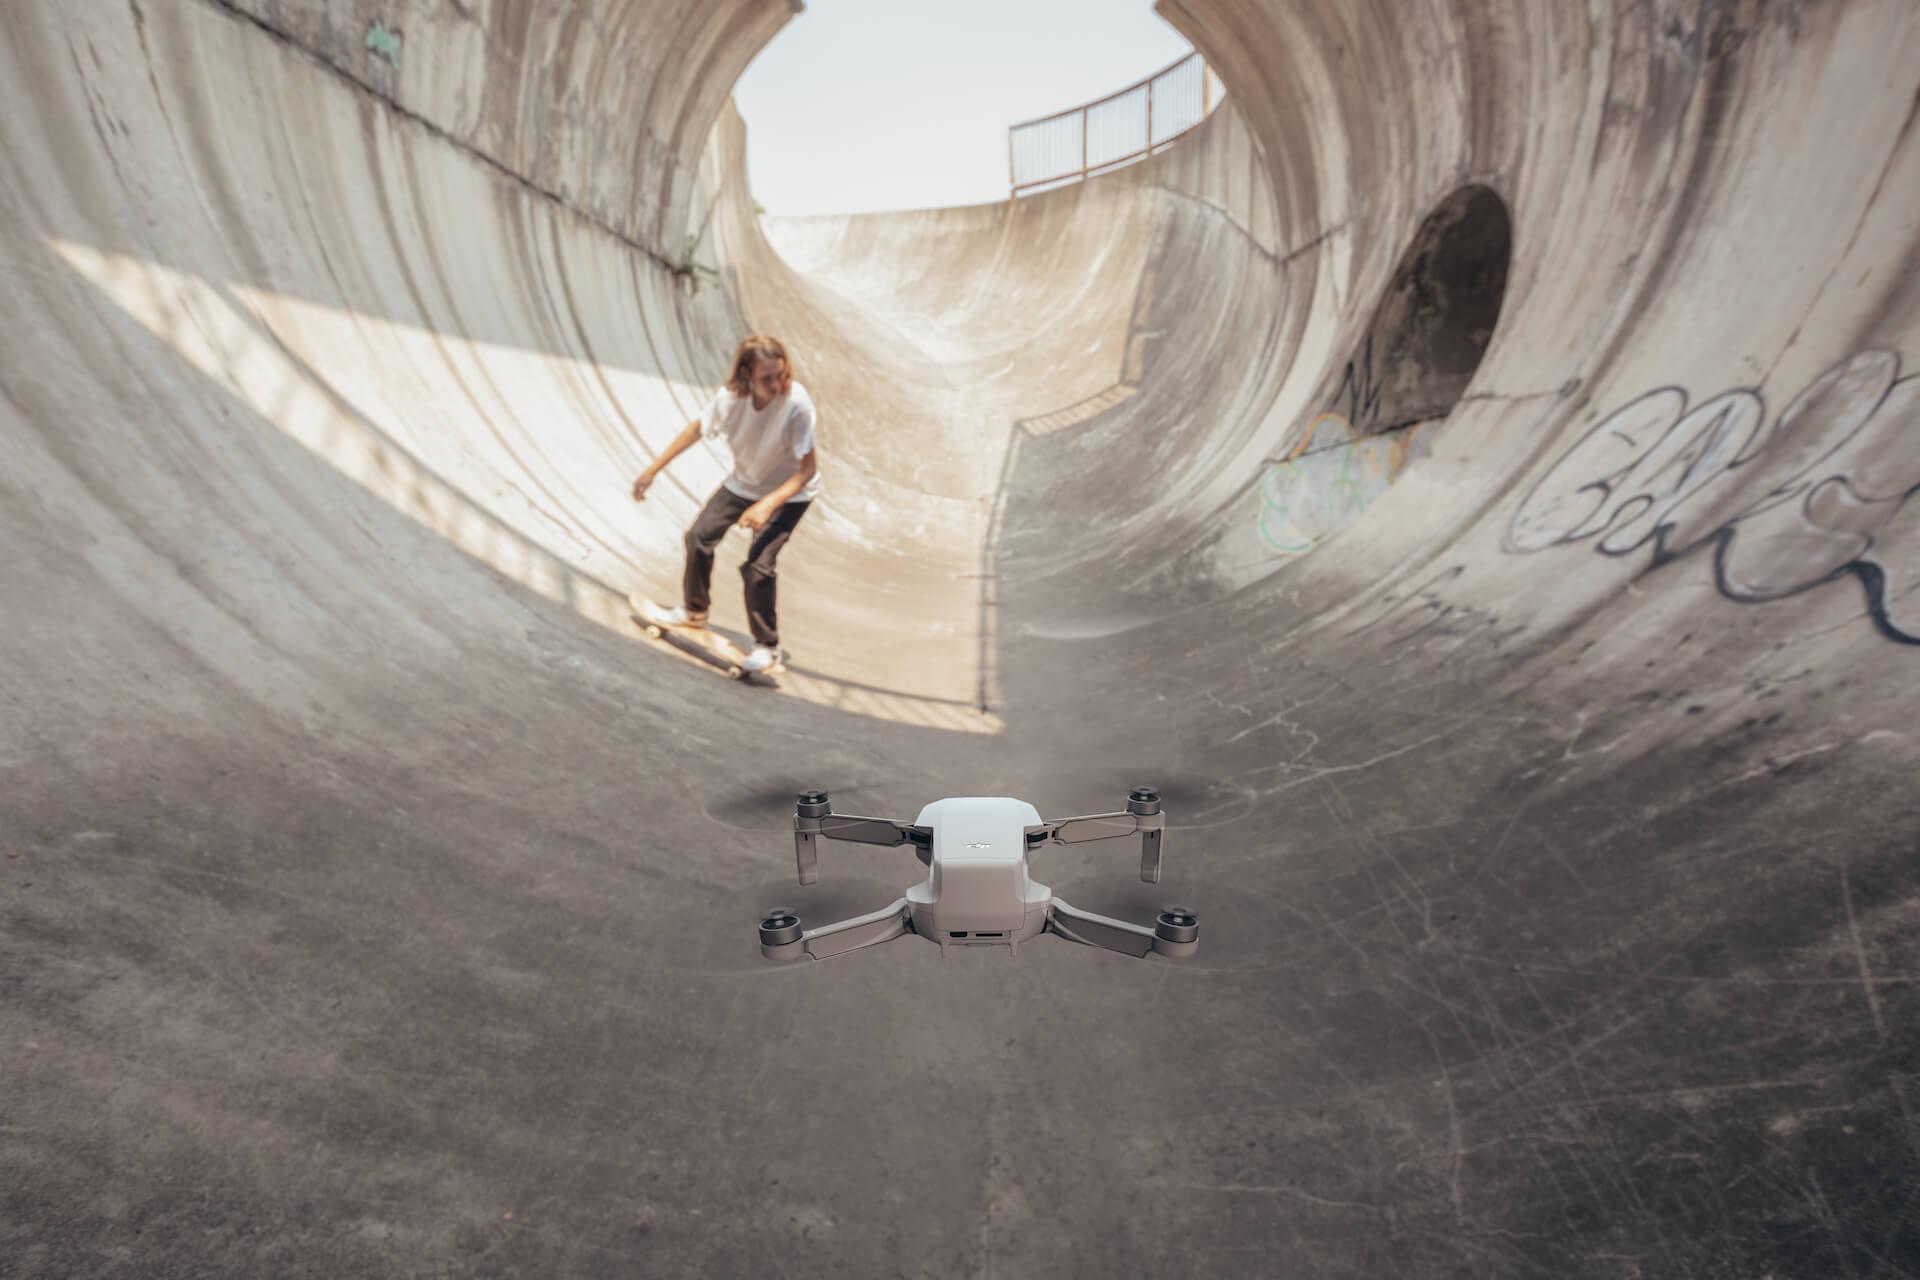 わずか199gと驚異のコンパクトさを誇る空飛ぶカメラ「DJI Mavic Mini」が登場!本日より予約受付開始 tech191031_mavicmini_main